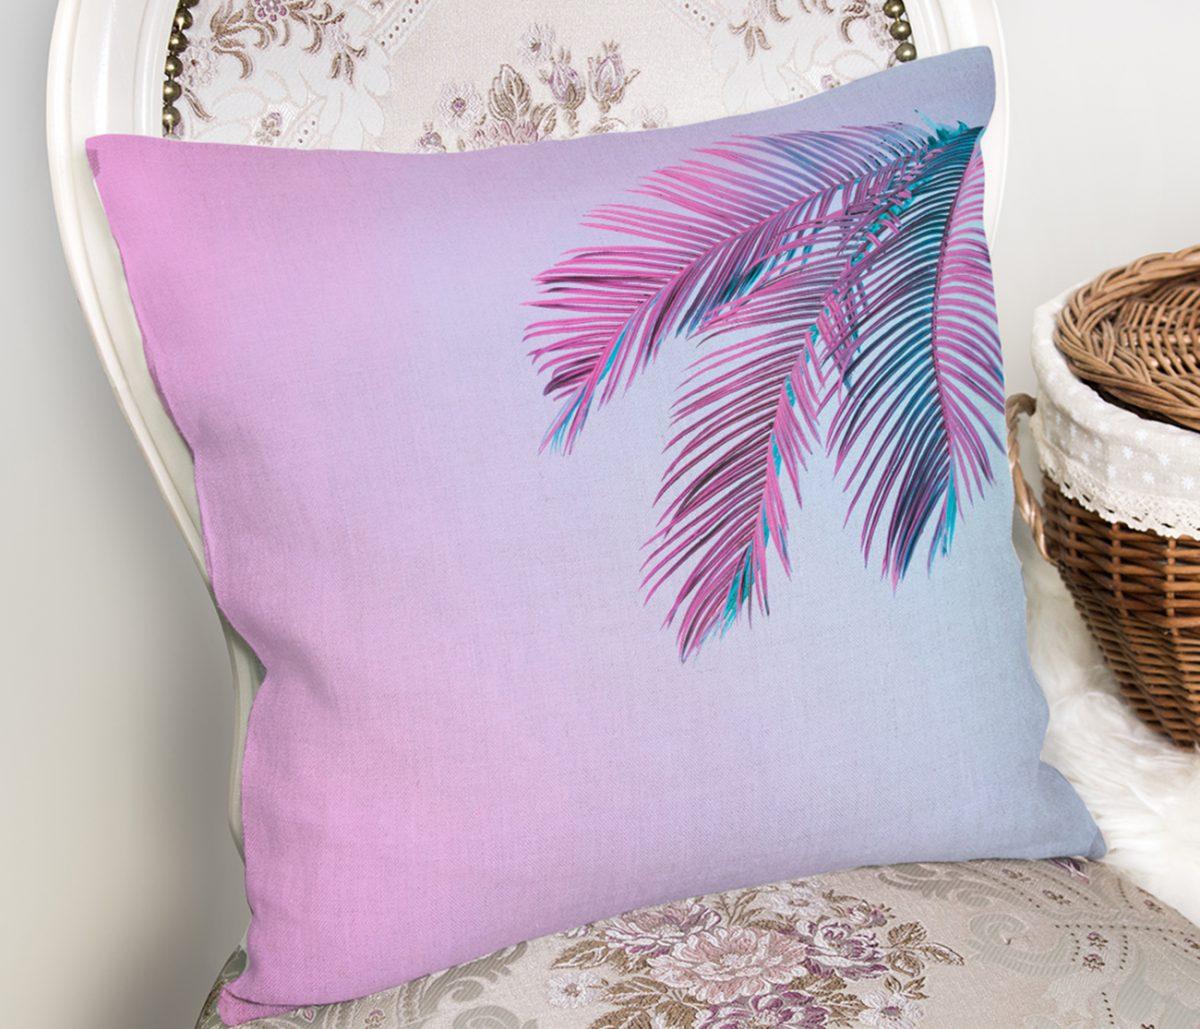 Toz Mavisi Zeminli Tropik Yapraklı Özel Tasarım Moderen Yastık Kılıfı Realhomes